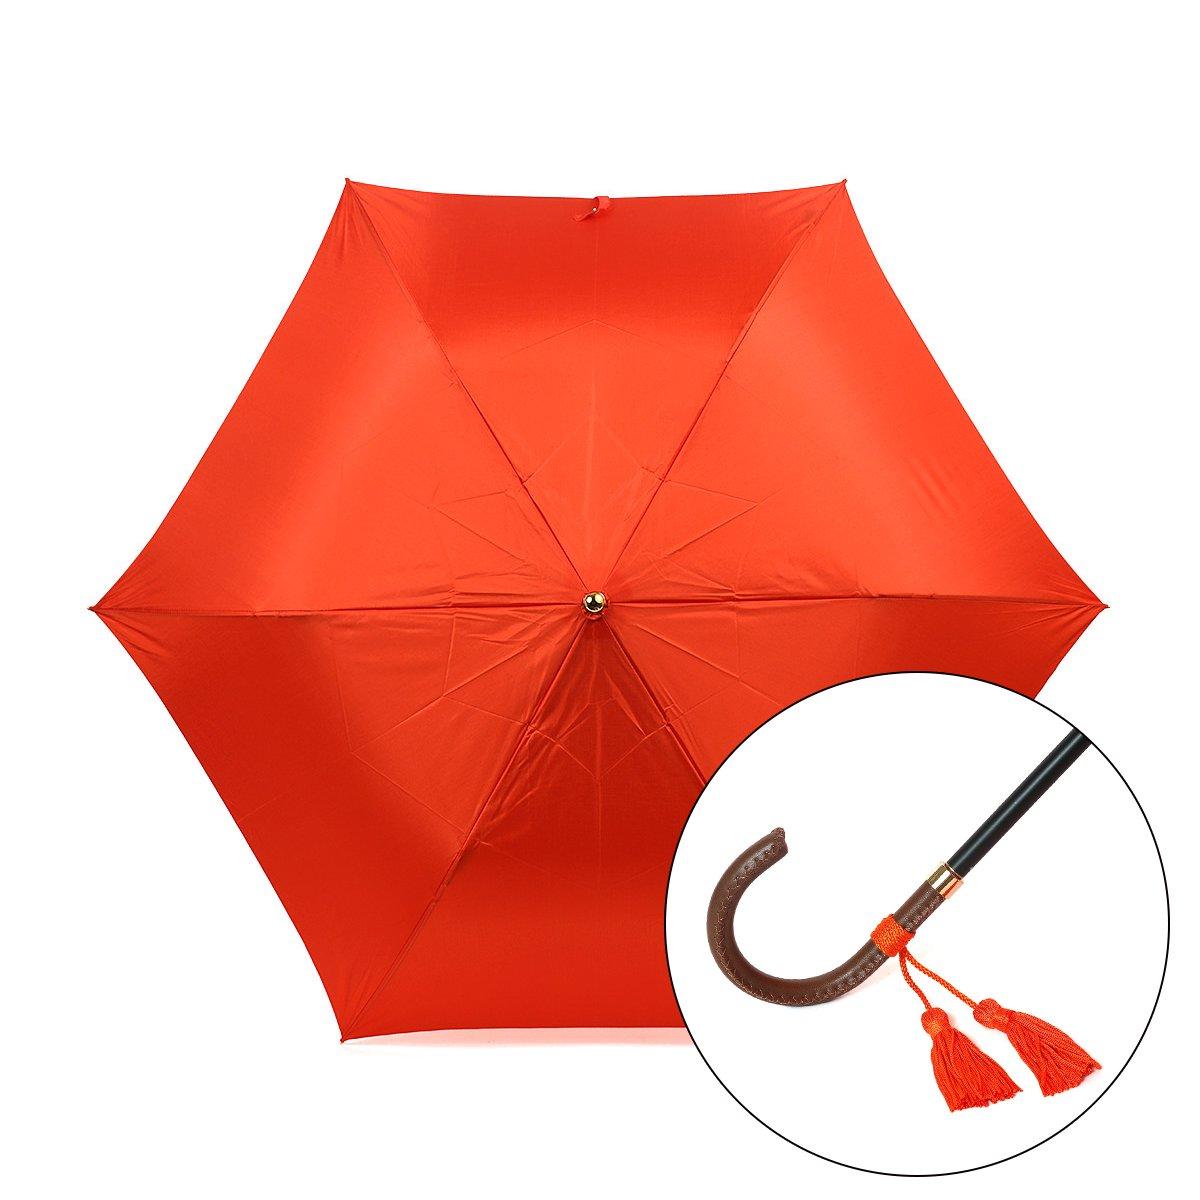 東京ノーブル 無地 折りたたみ傘 詳細画像15